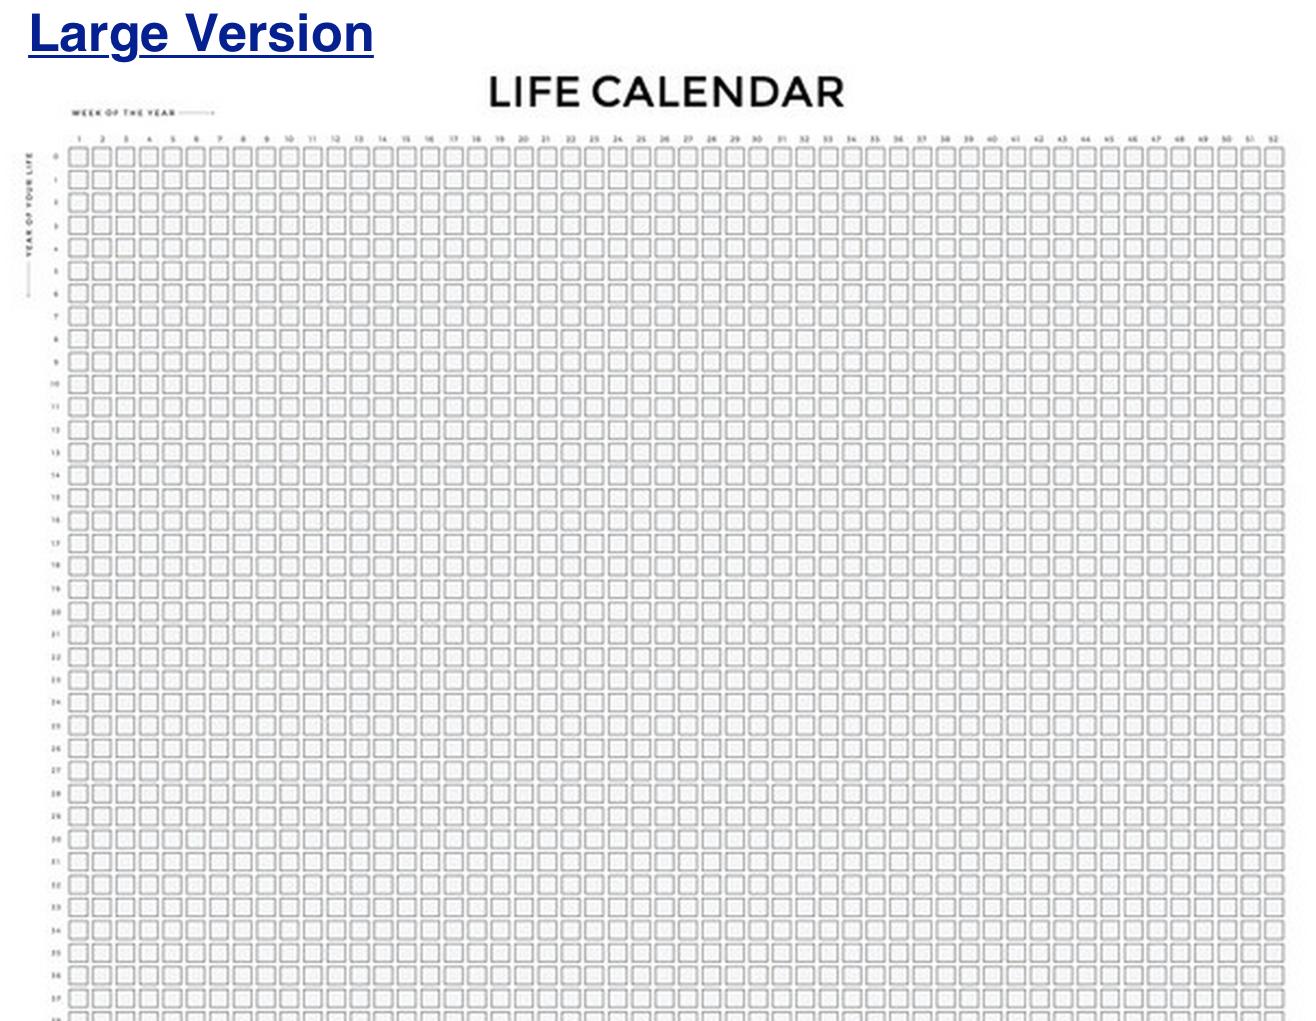 Календарь всей жизни на одном листе Calendar-Button-Large